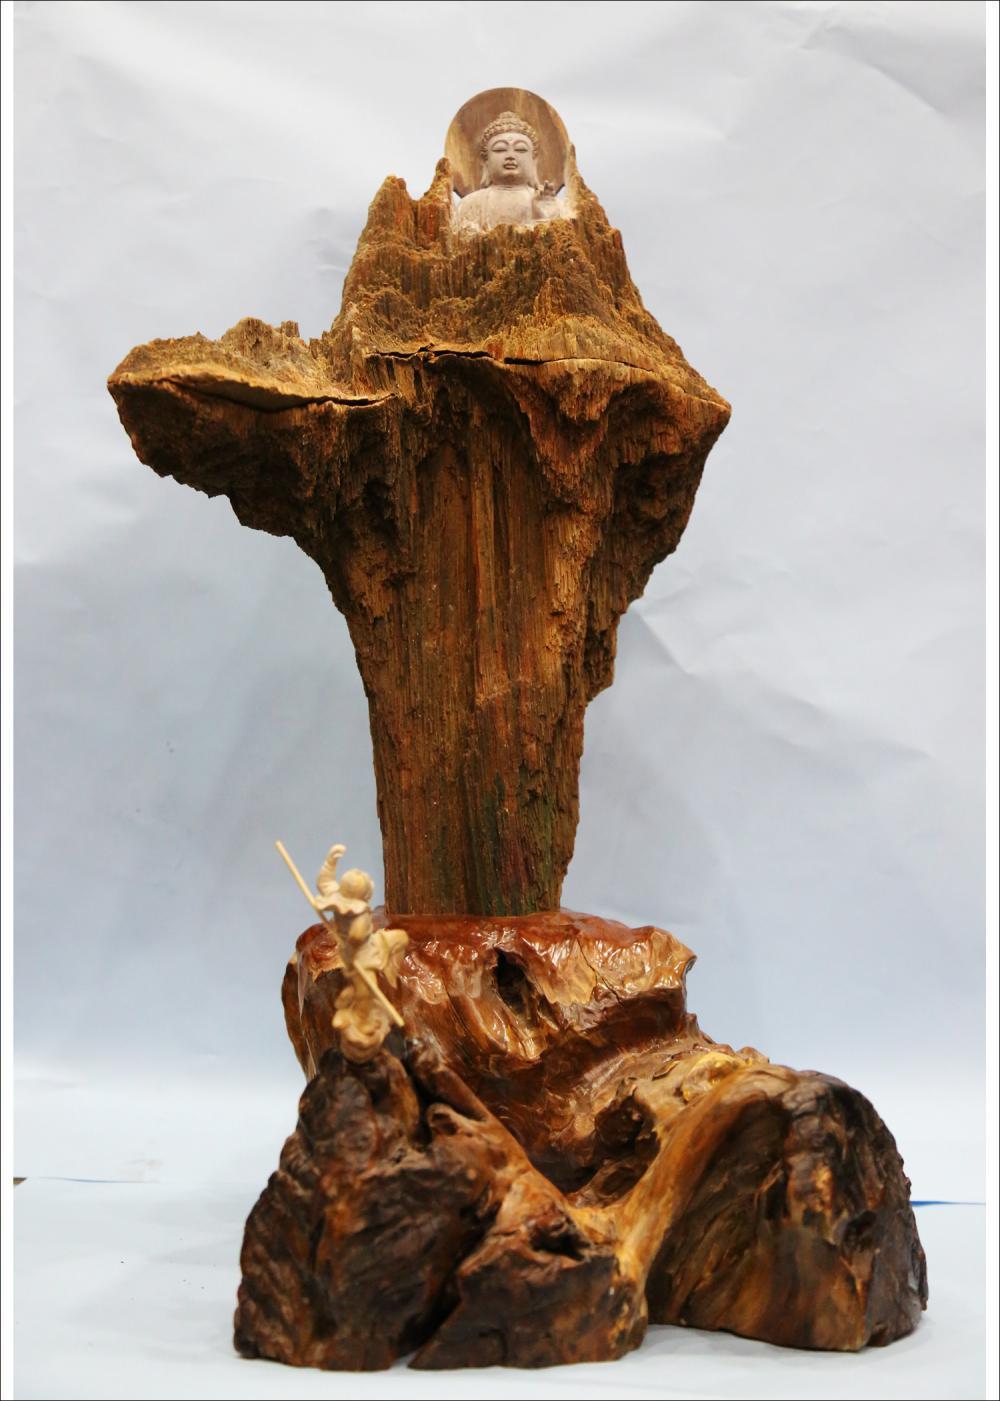 庄惠东的作品-庄惠东石雕作品《问佛》